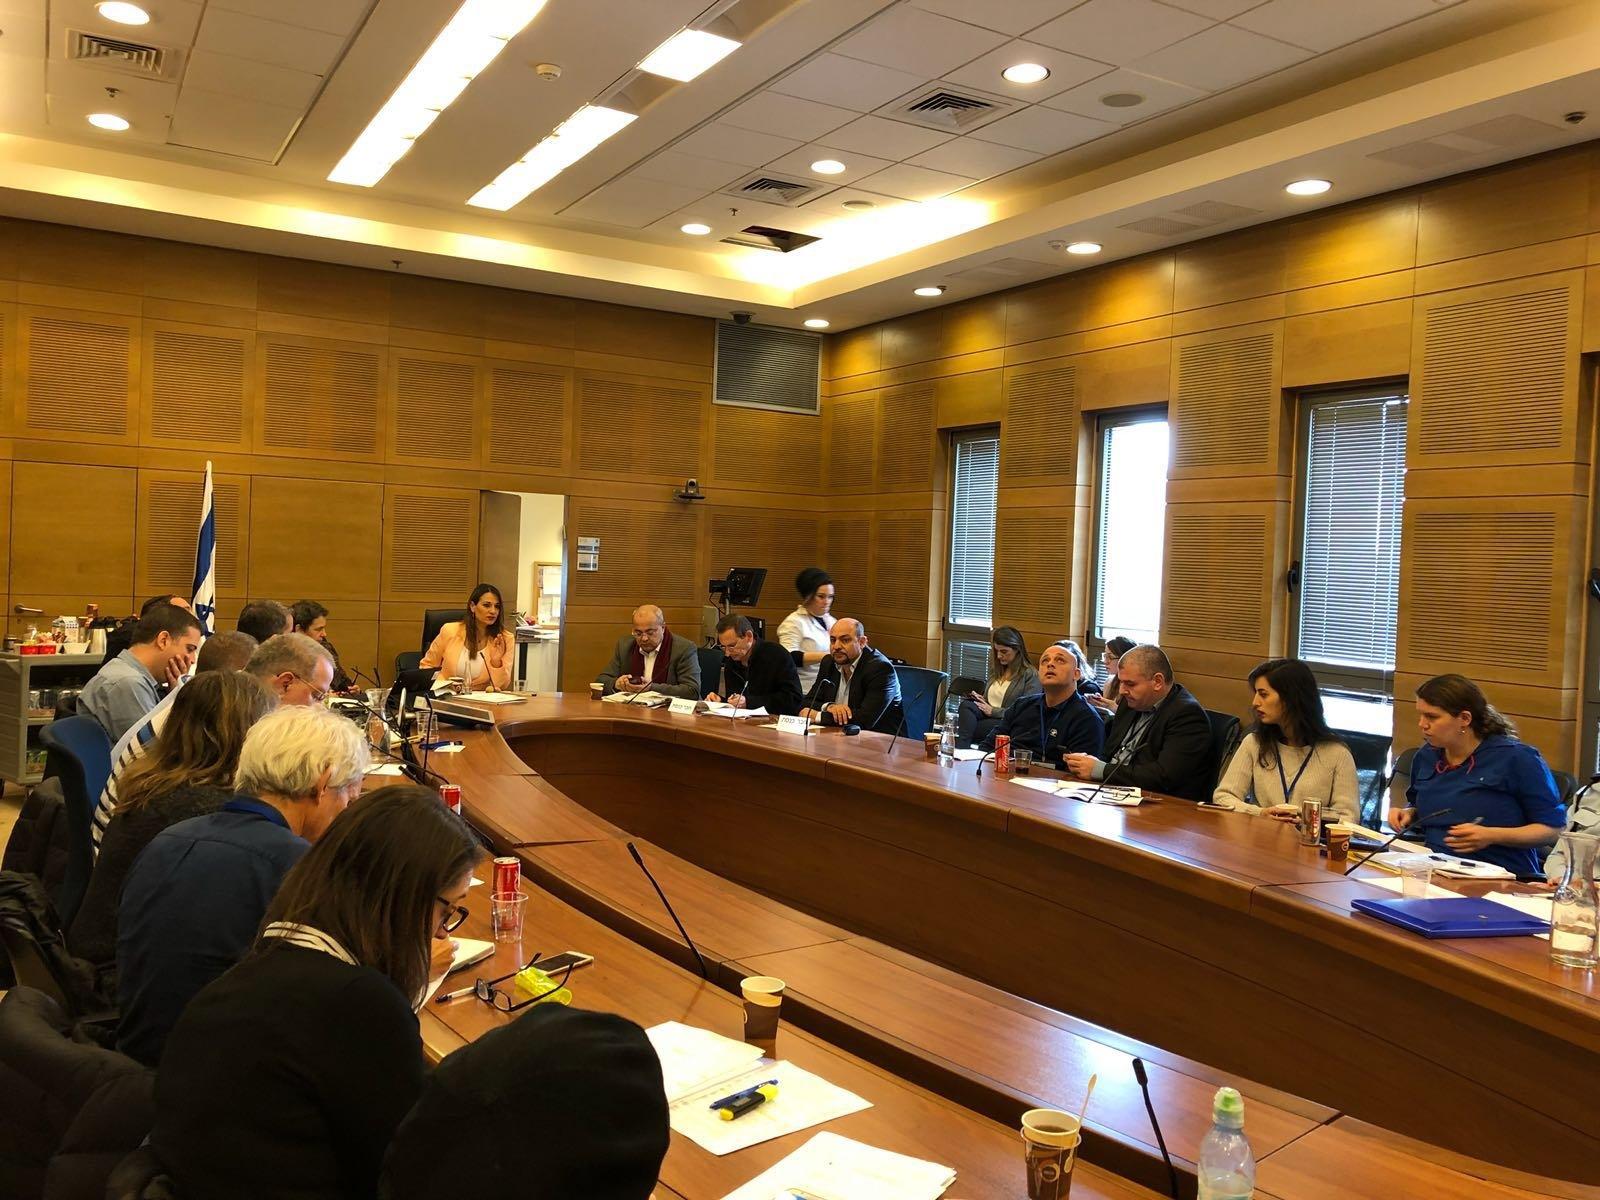 غنايم وحاج يحيى في لجنة حقوق الطفل: مسؤولية الوزارة تطبيق القانون ومنع تشغيل الاطفال بورشات العمل